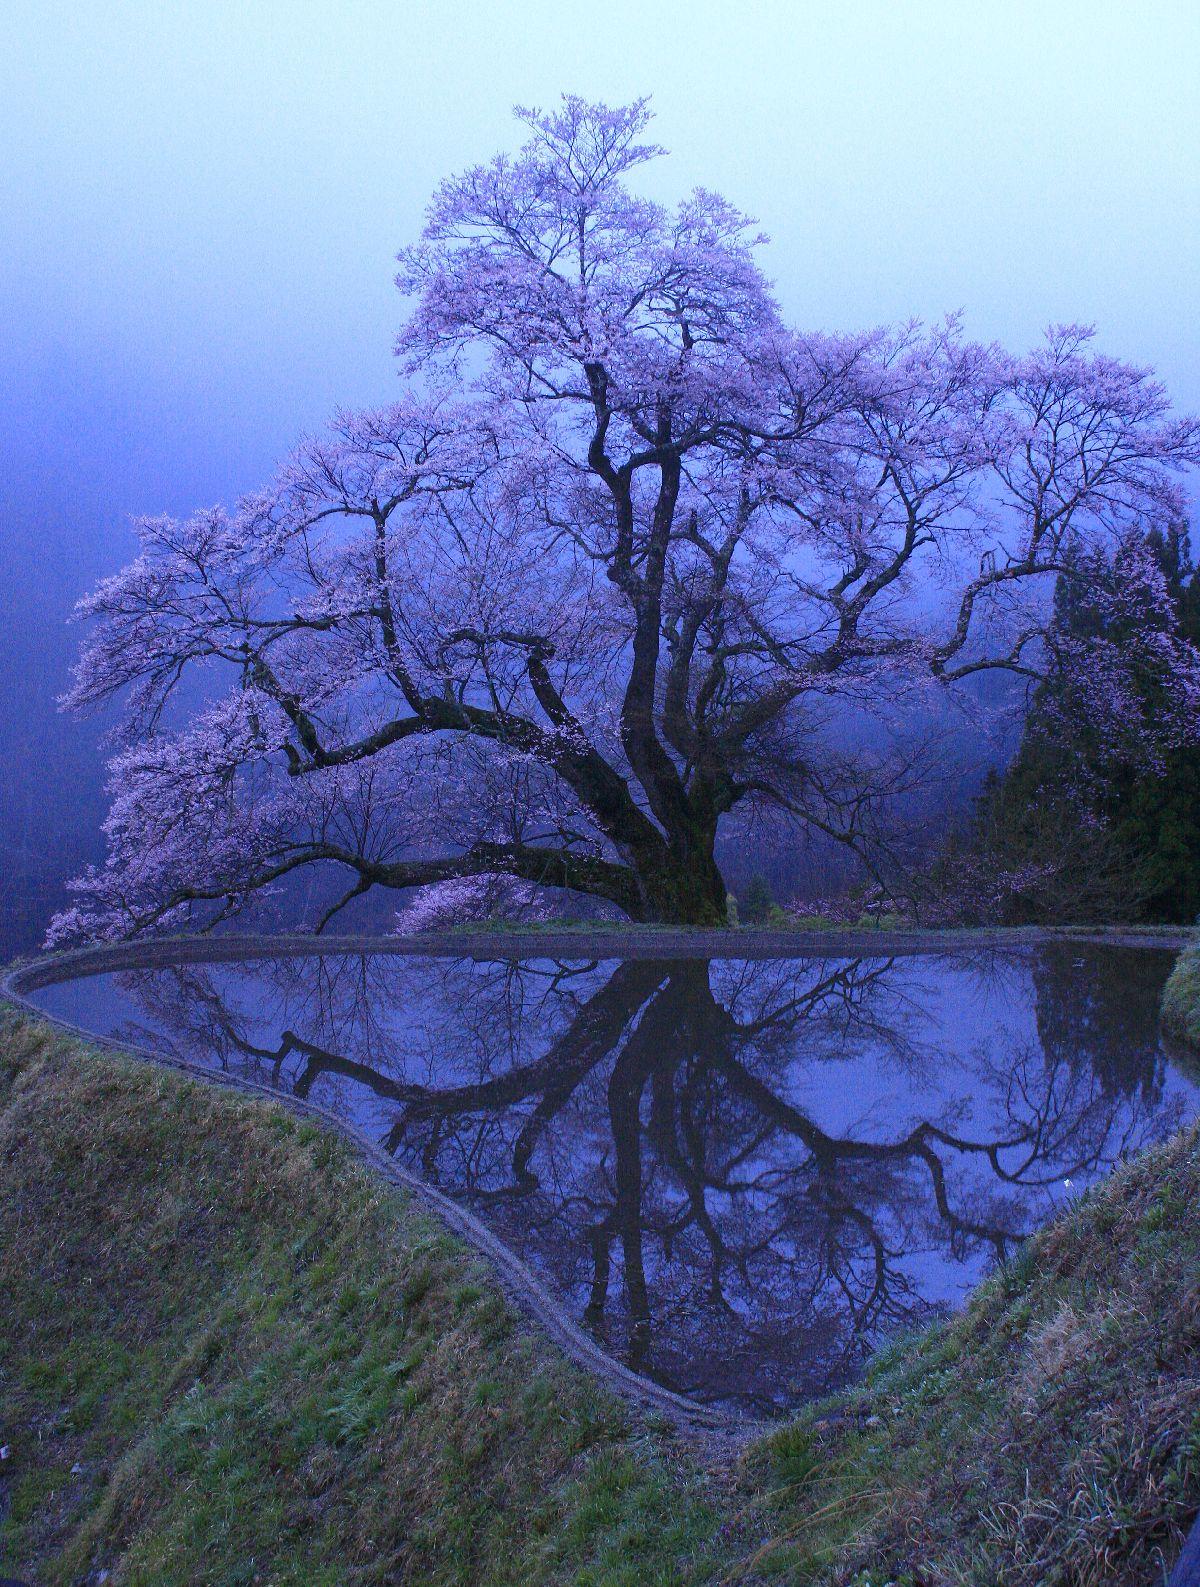 巨桜の花の梢 _c0104227_72956.jpg